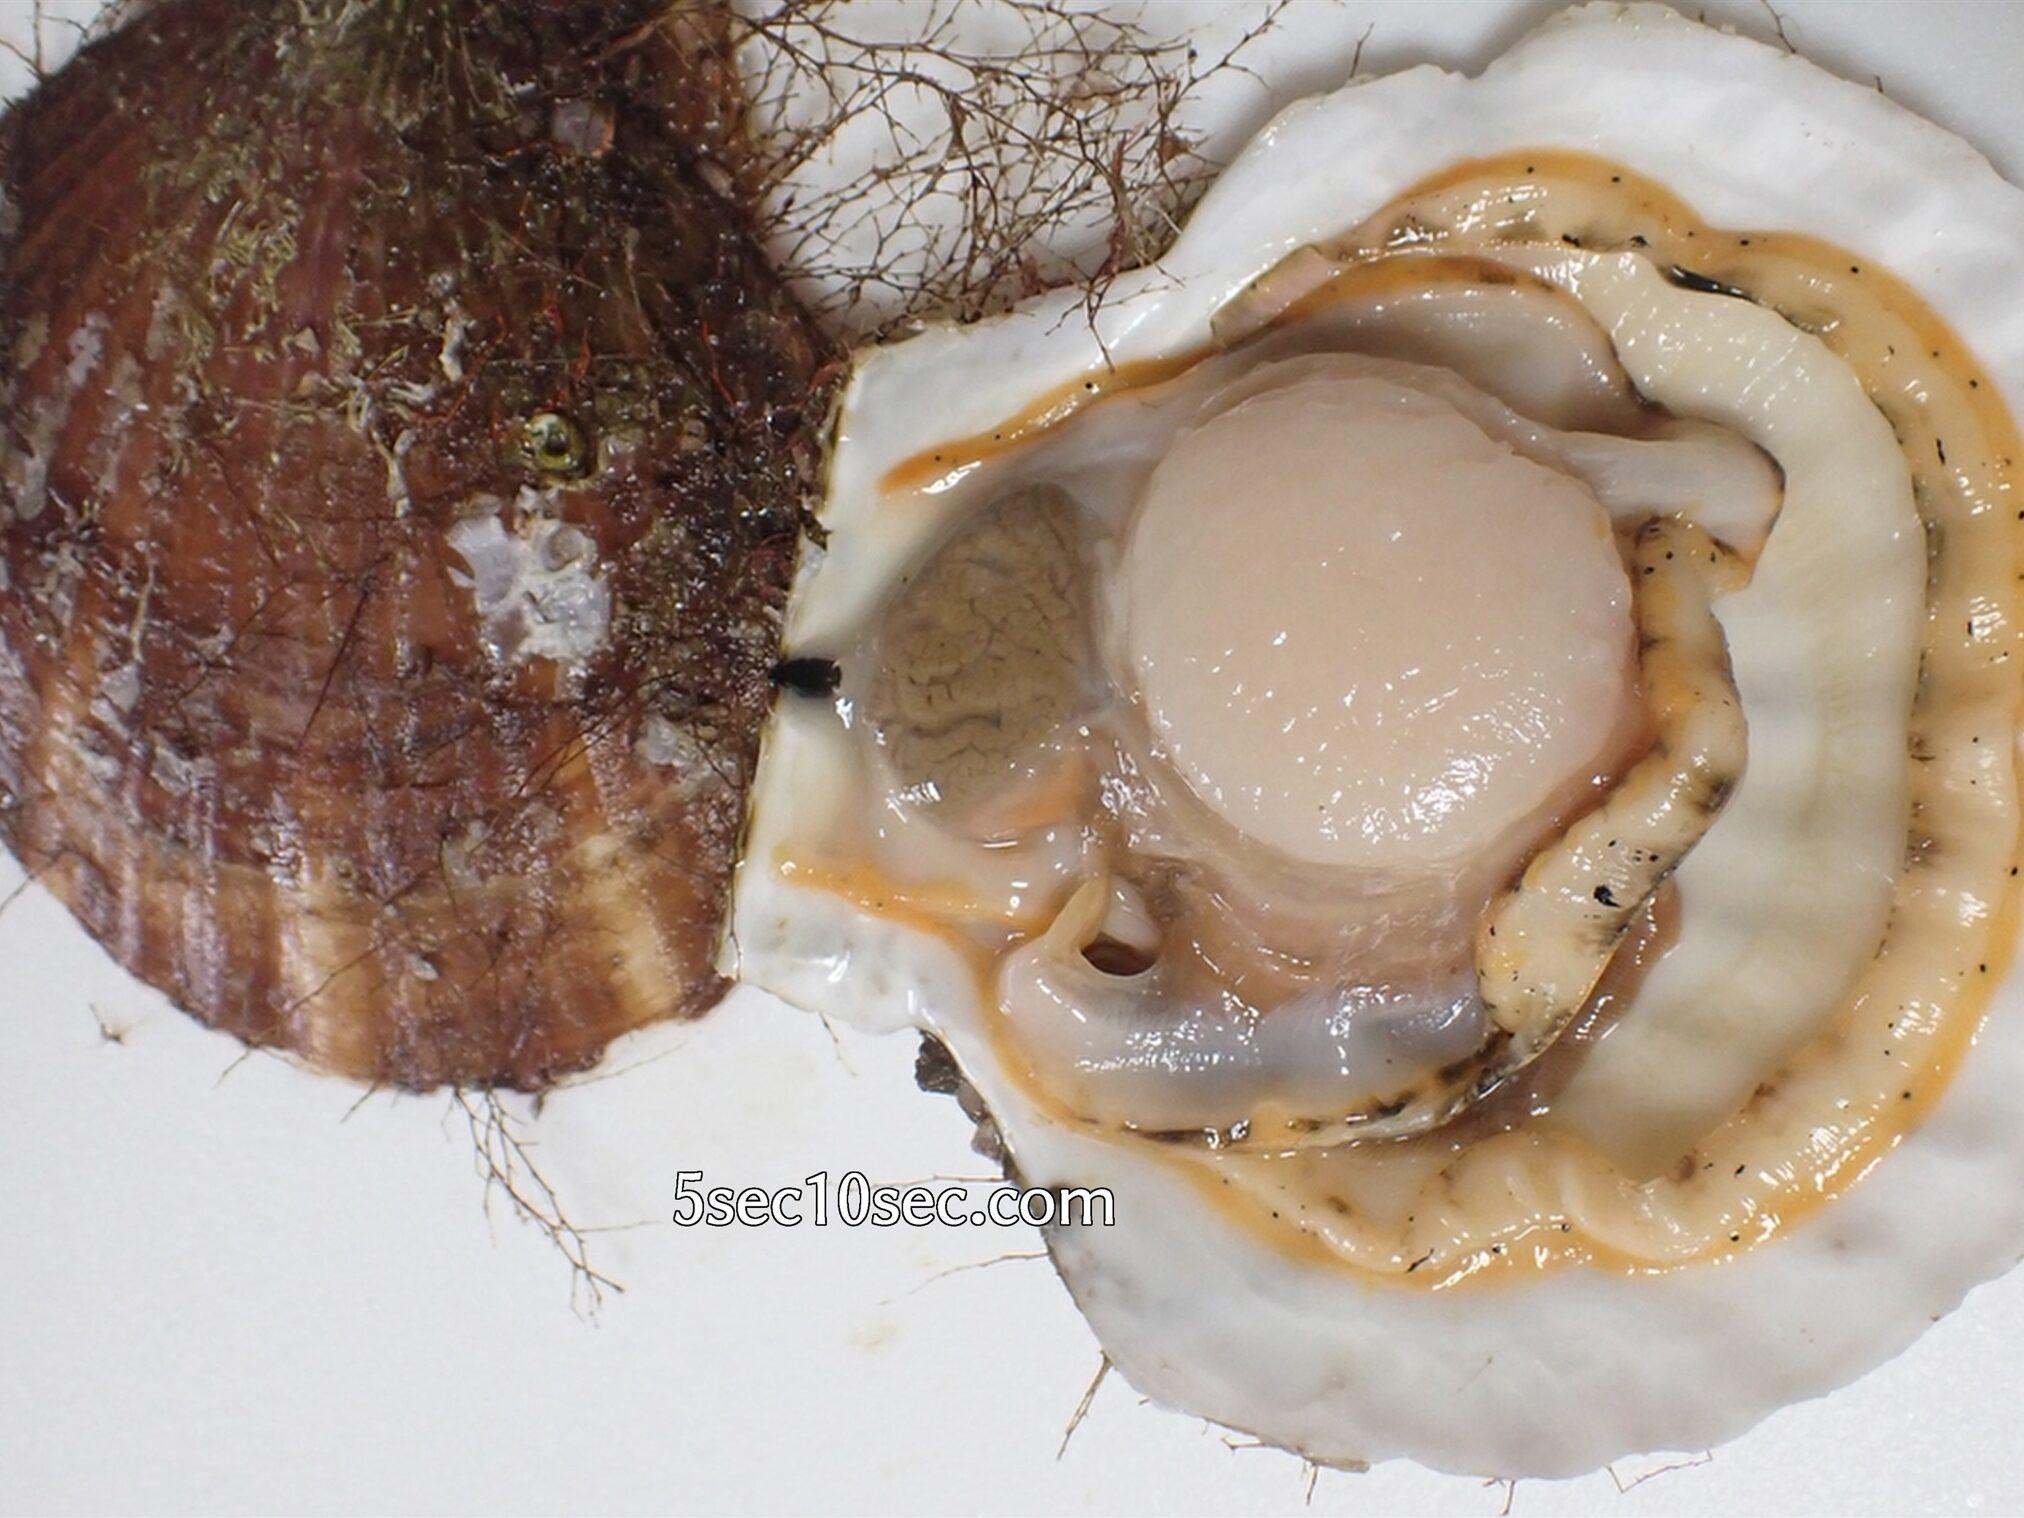 貝柱を貝に残してほたてを捌く方法 青森県 むつ湾産 活ホタテ